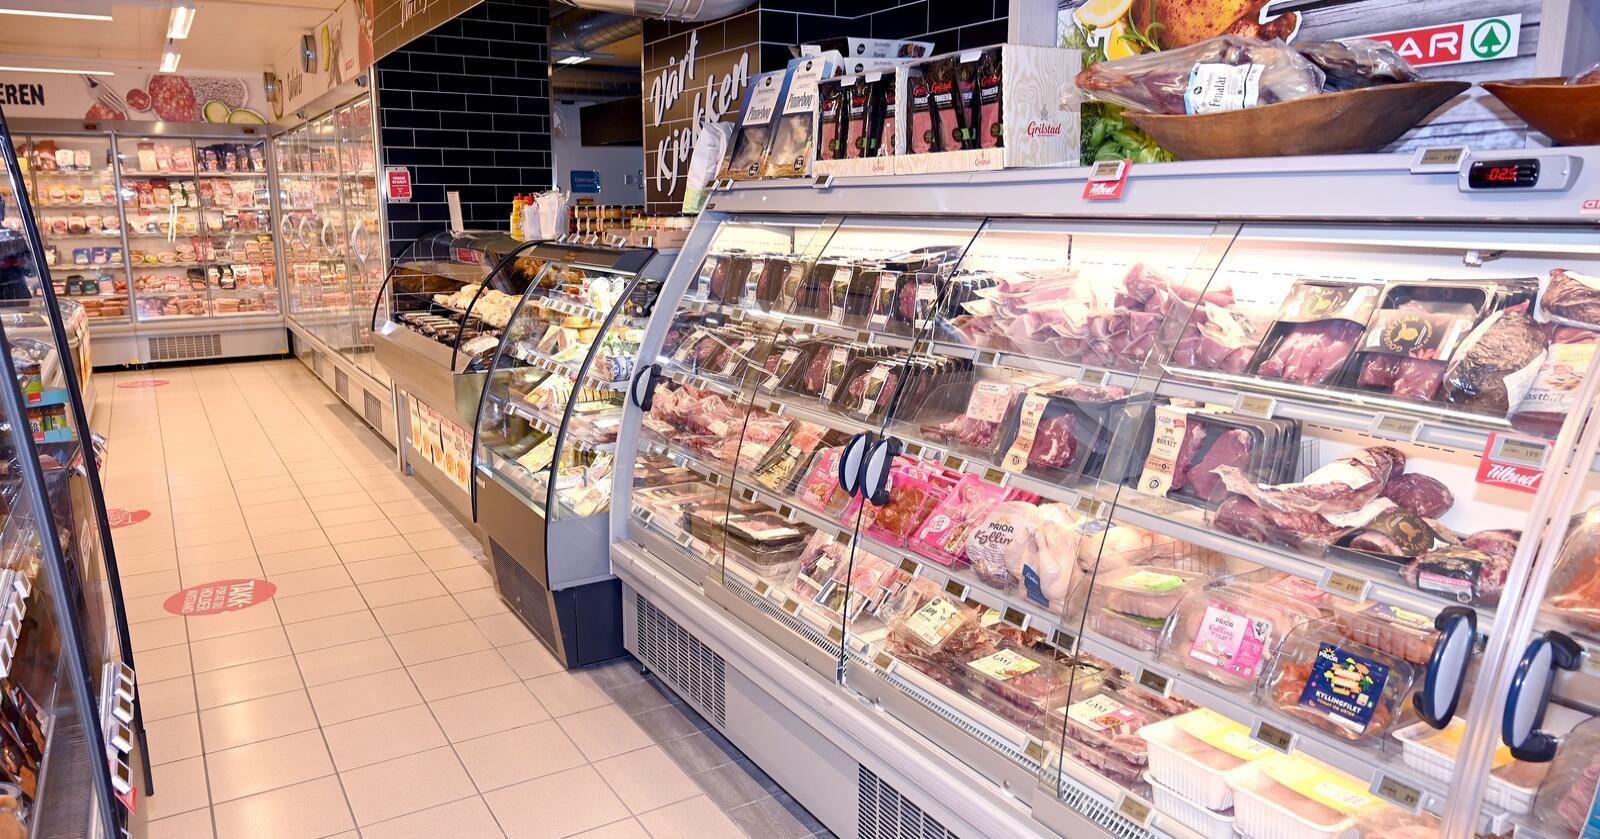 Her et illustrasjonsbilde på en kjøttdisk i en matvarebutikk. Foto: Mariann Tvete